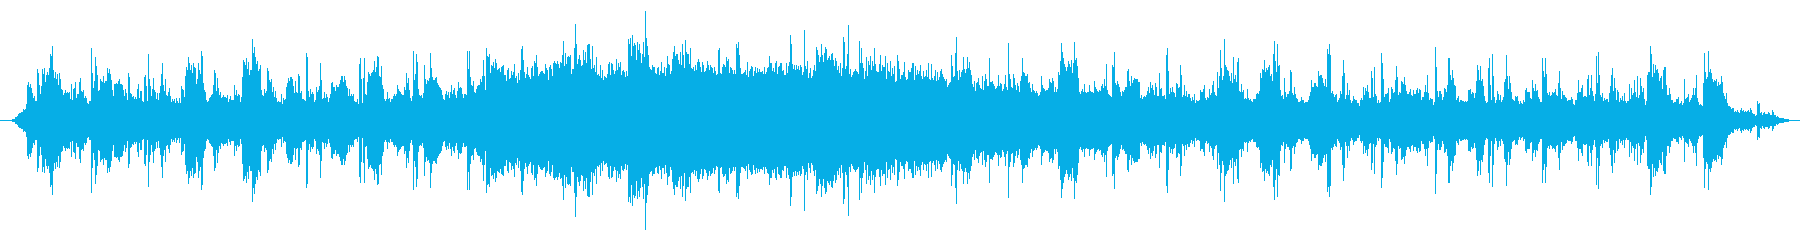 工場 タイプBの再生済みの波形